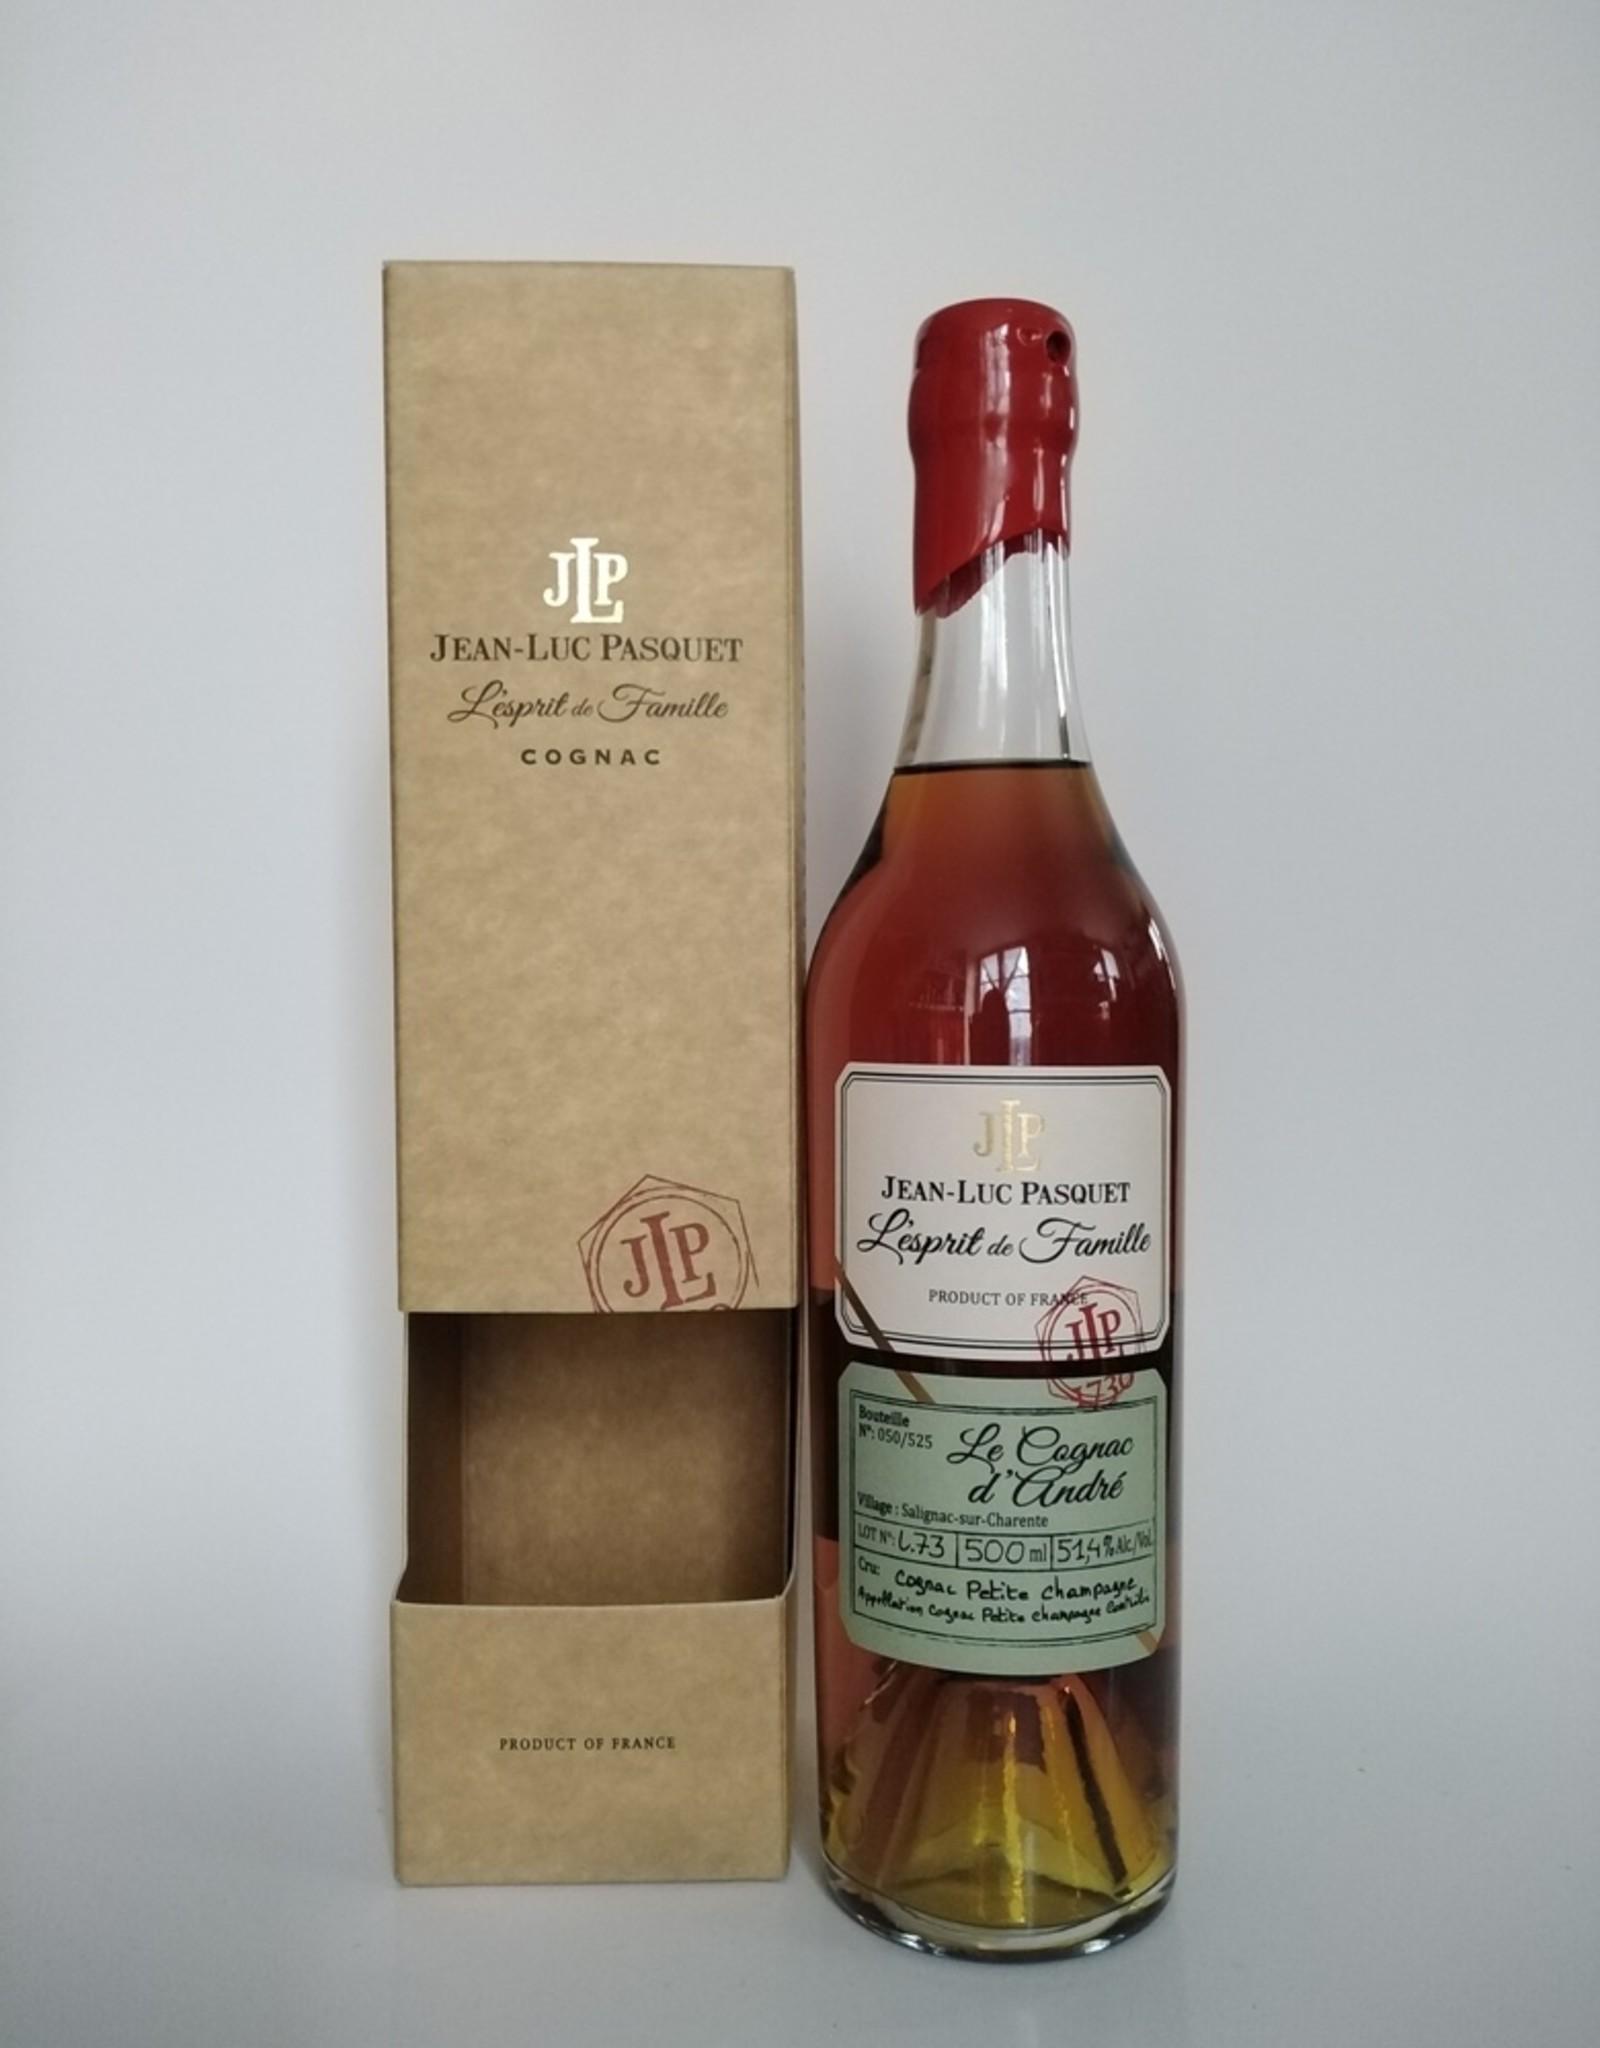 Jean-Luc Pasquet Jean-Luc Pasquet - L'esprit de Famille - Le Cognac d'André - 50 cl